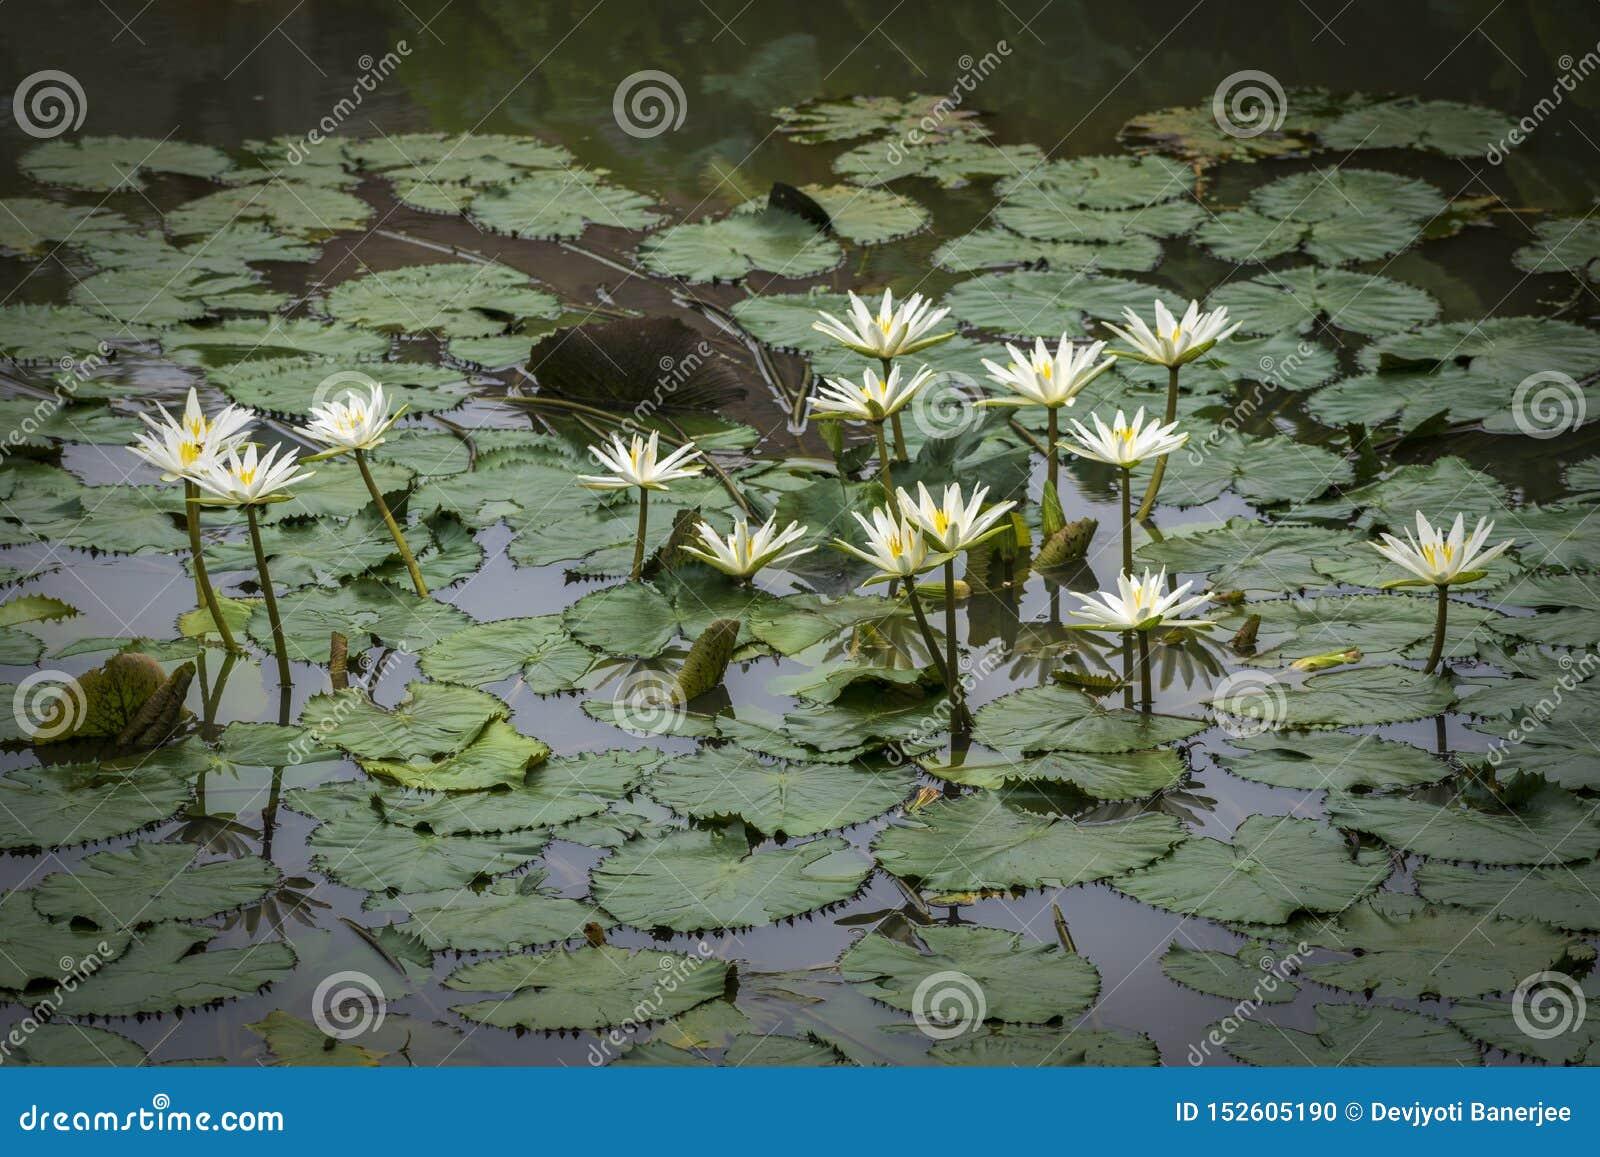 Kallade vita Nymphaeaalbum för älskvärda blommor, gemensamt näckrons bland gröna sidor och blått vatten